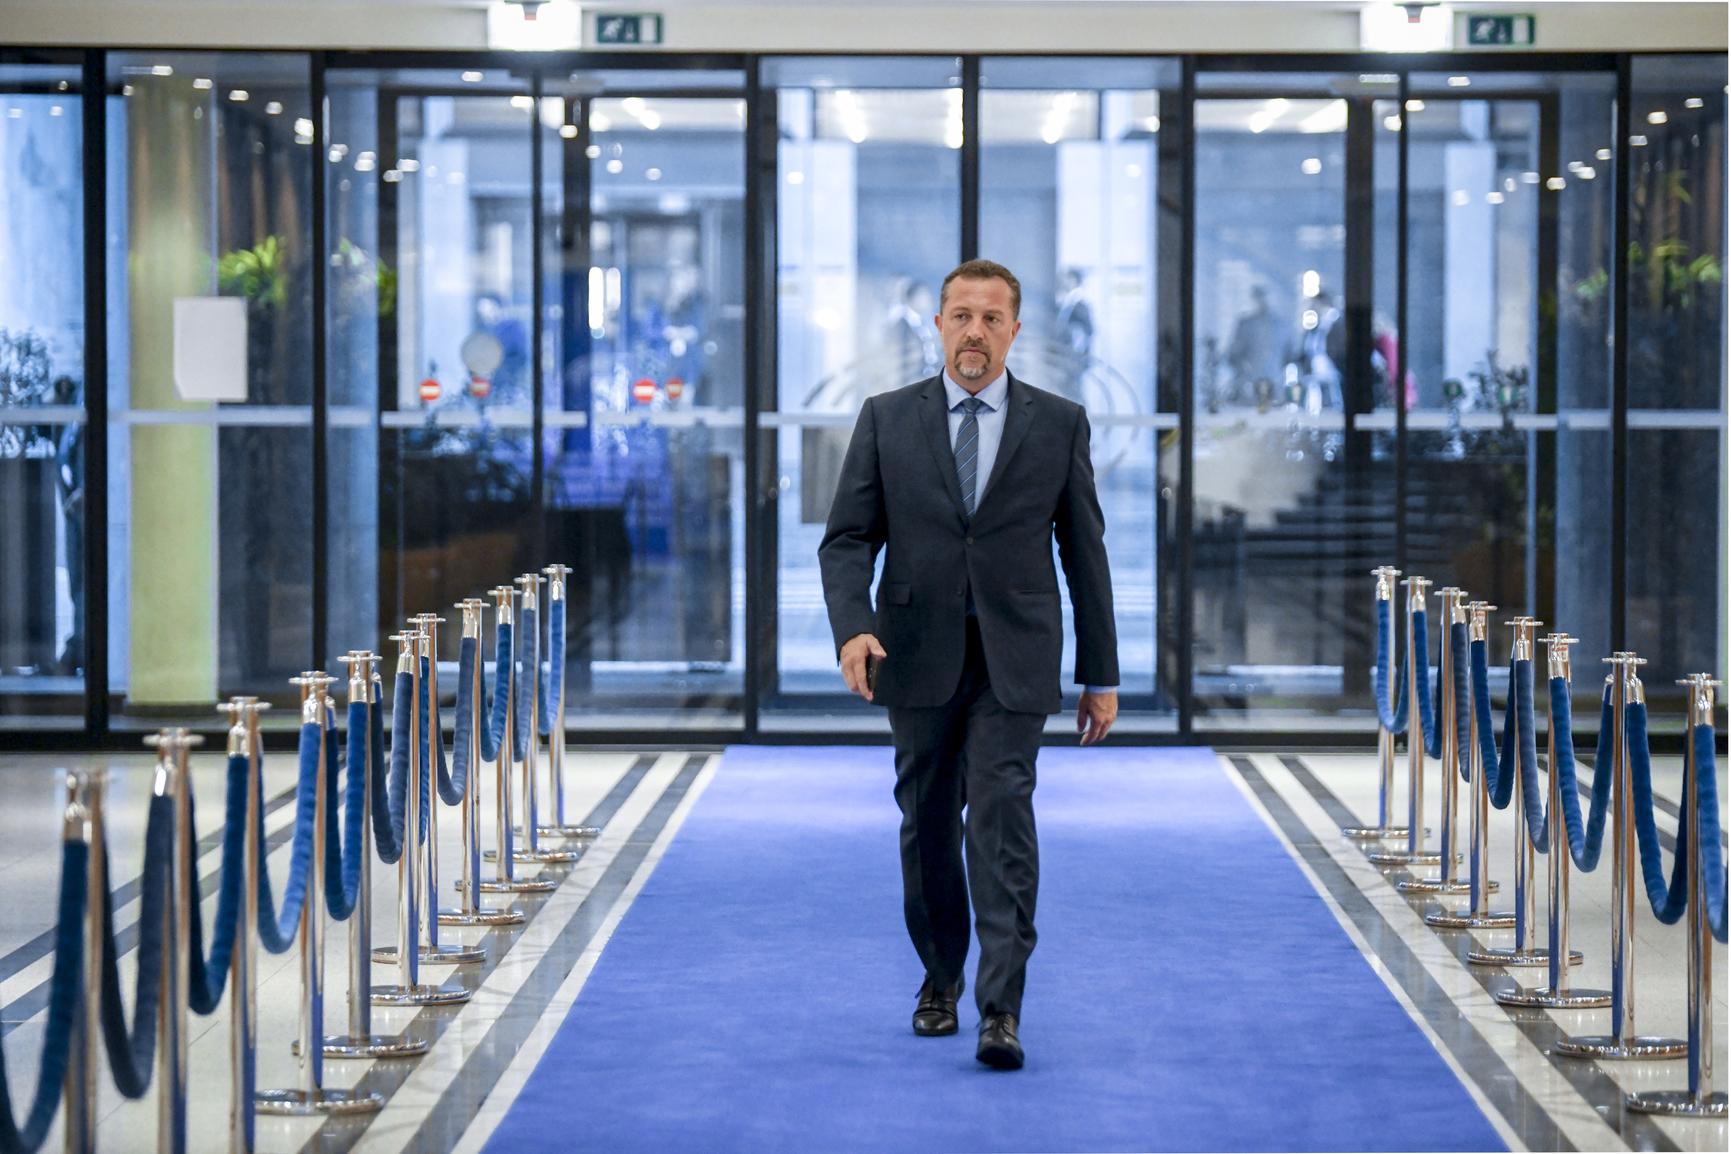 Втори мандат на президента Радев е ключов за продължаване на оздравителния процес в България